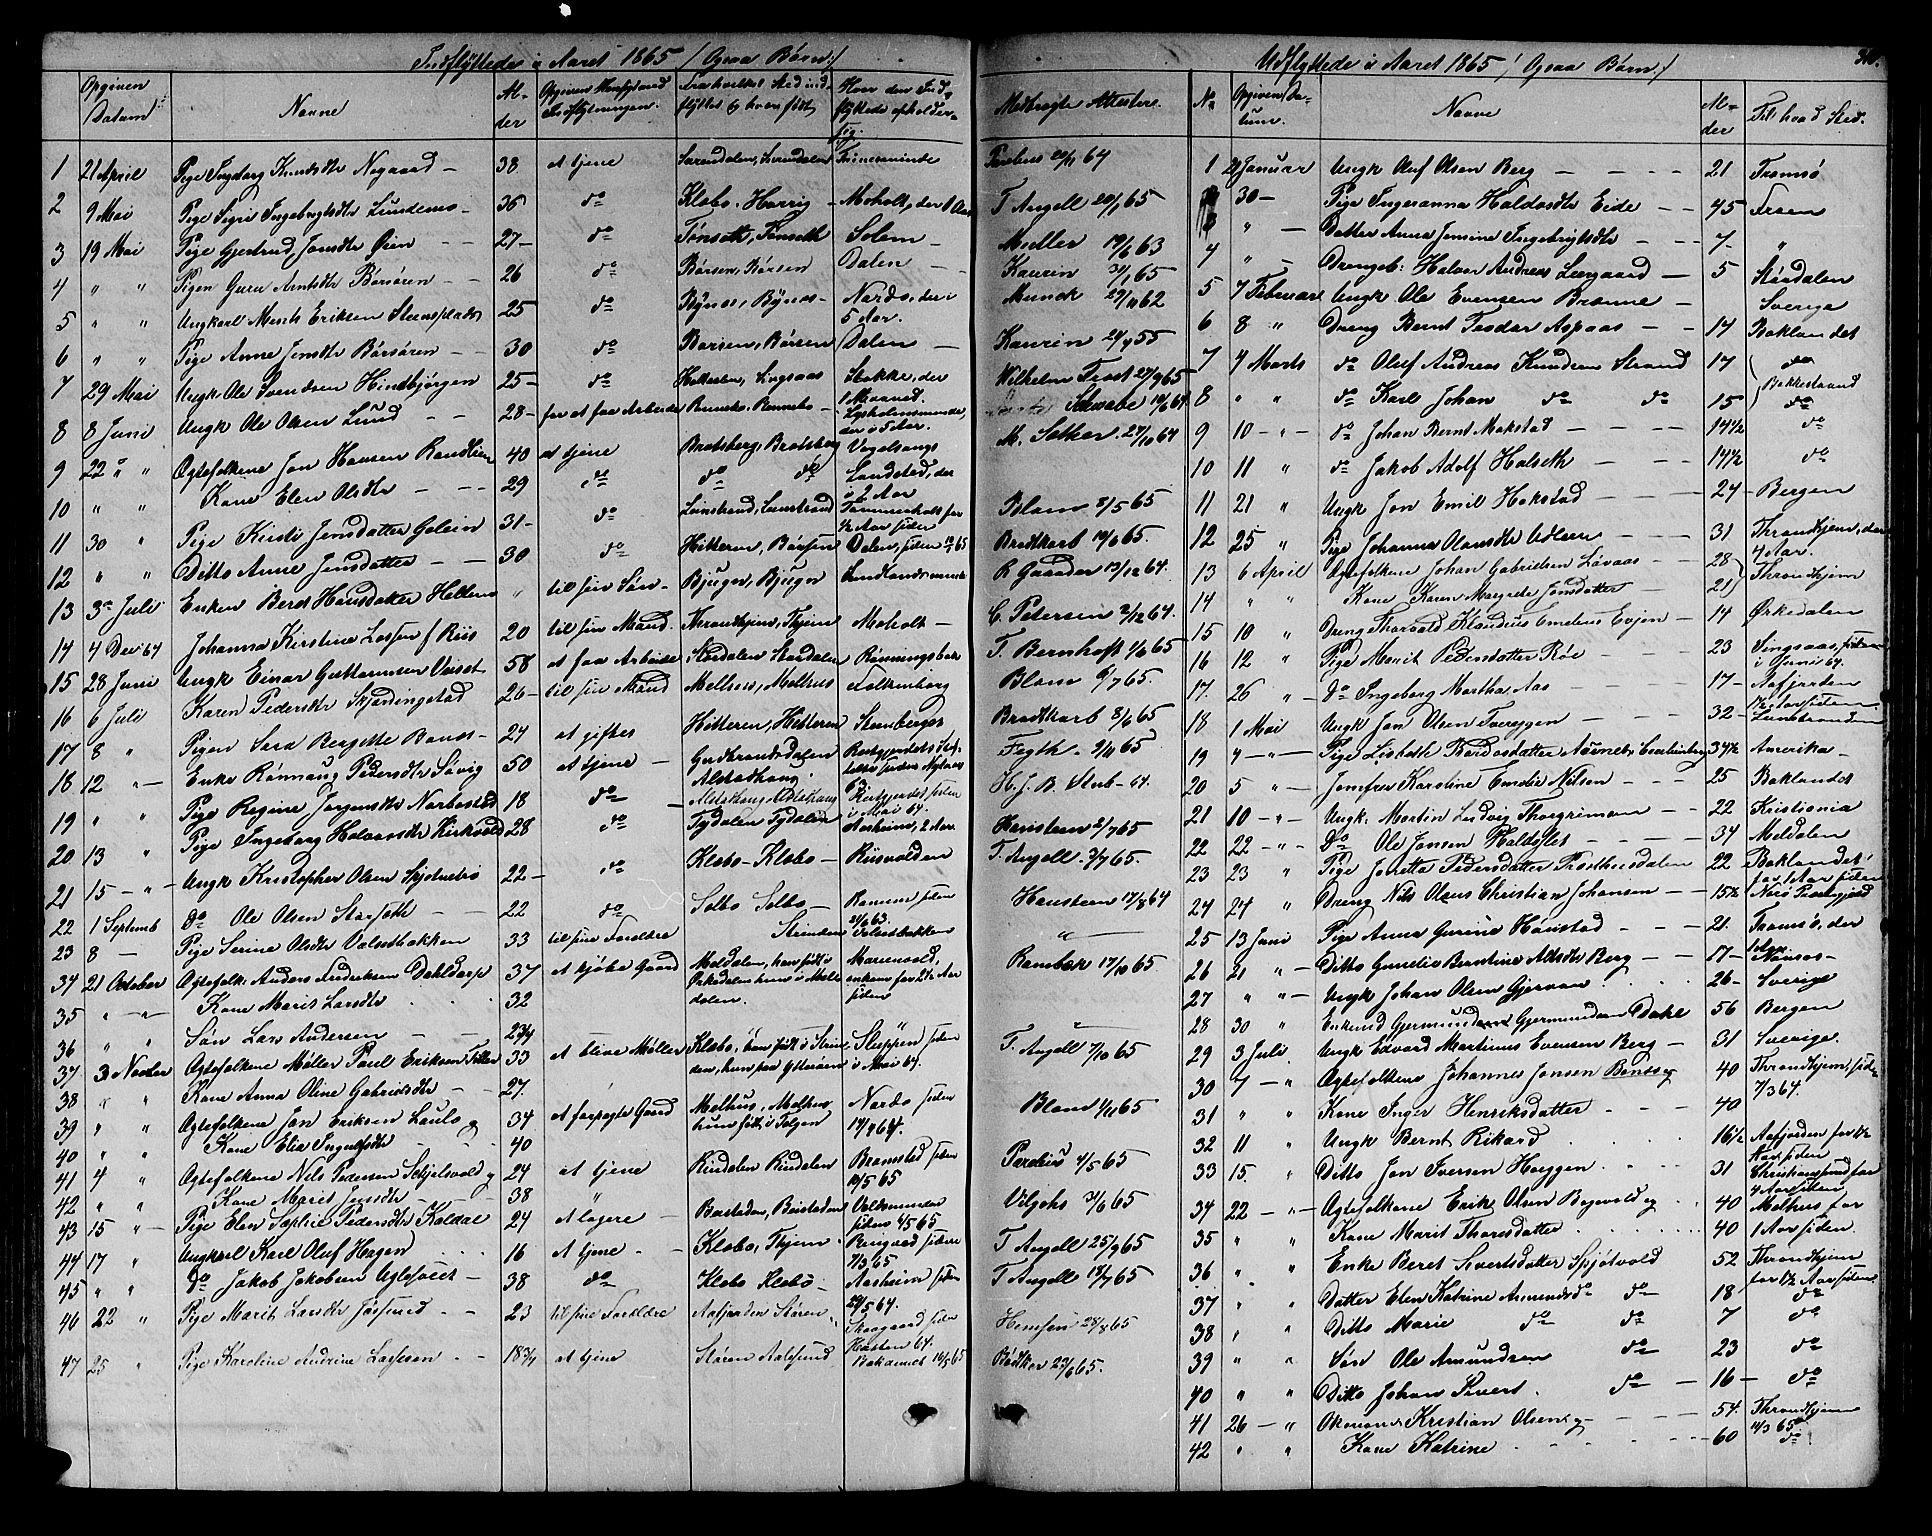 SAT, Ministerialprotokoller, klokkerbøker og fødselsregistre - Sør-Trøndelag, 606/L0311: Klokkerbok nr. 606C07, 1860-1877, s. 310